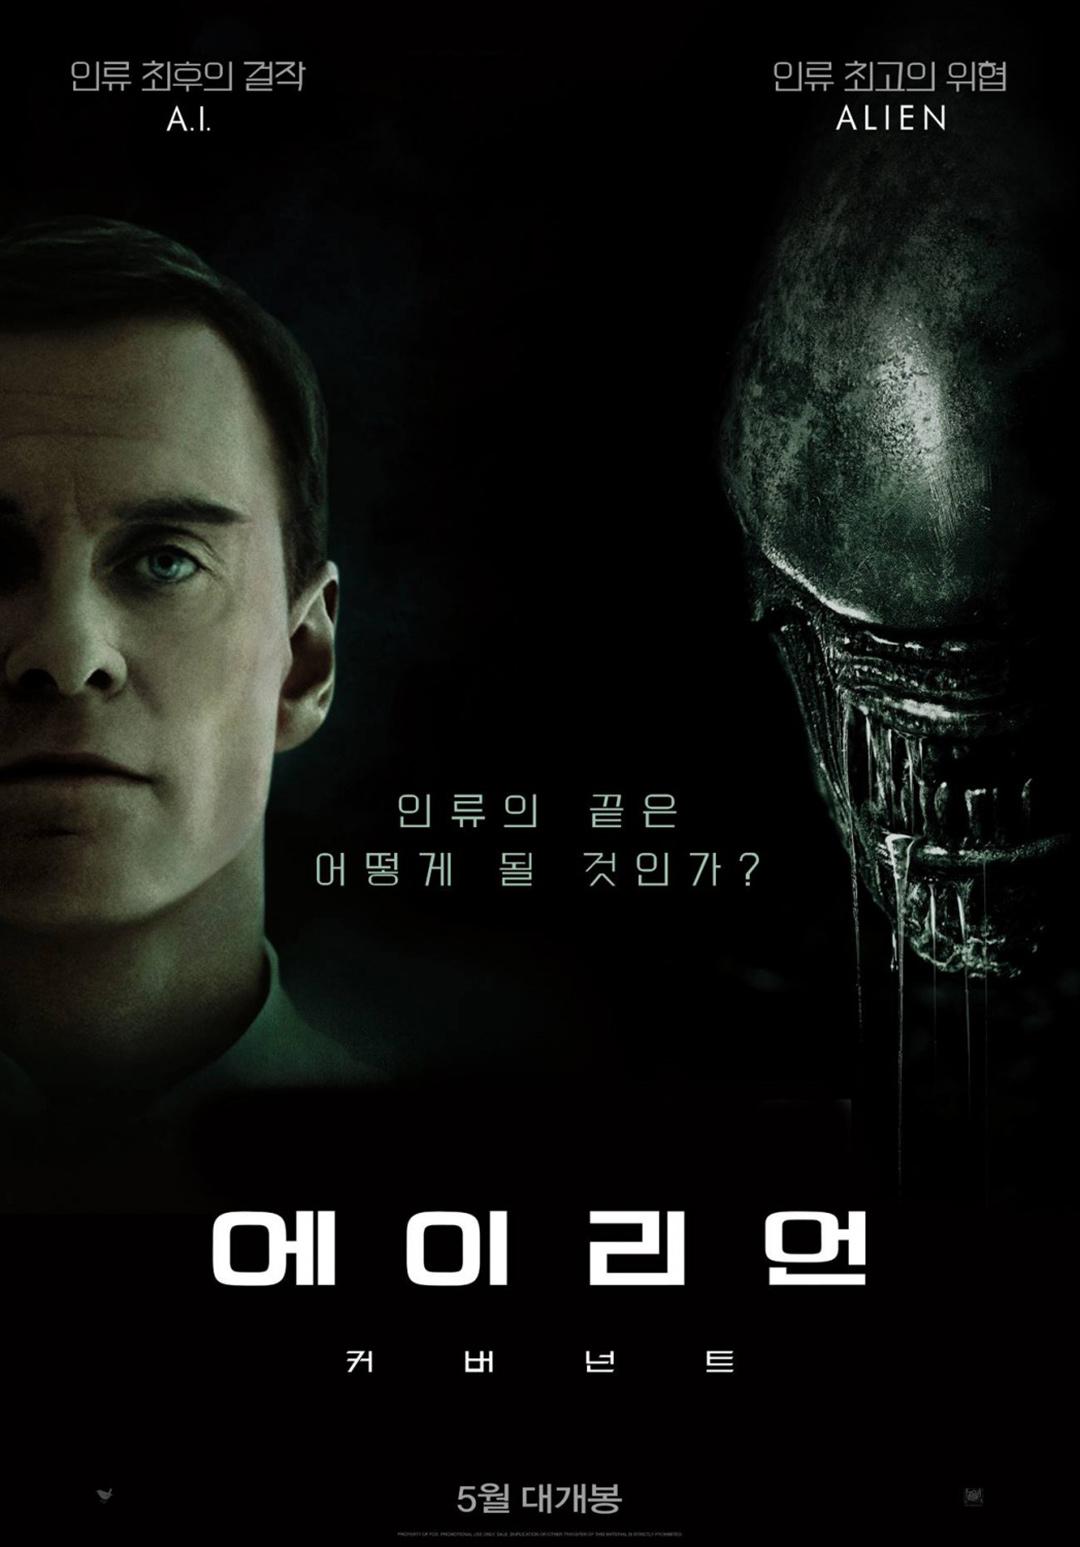 Alien: Covenant Poster #7